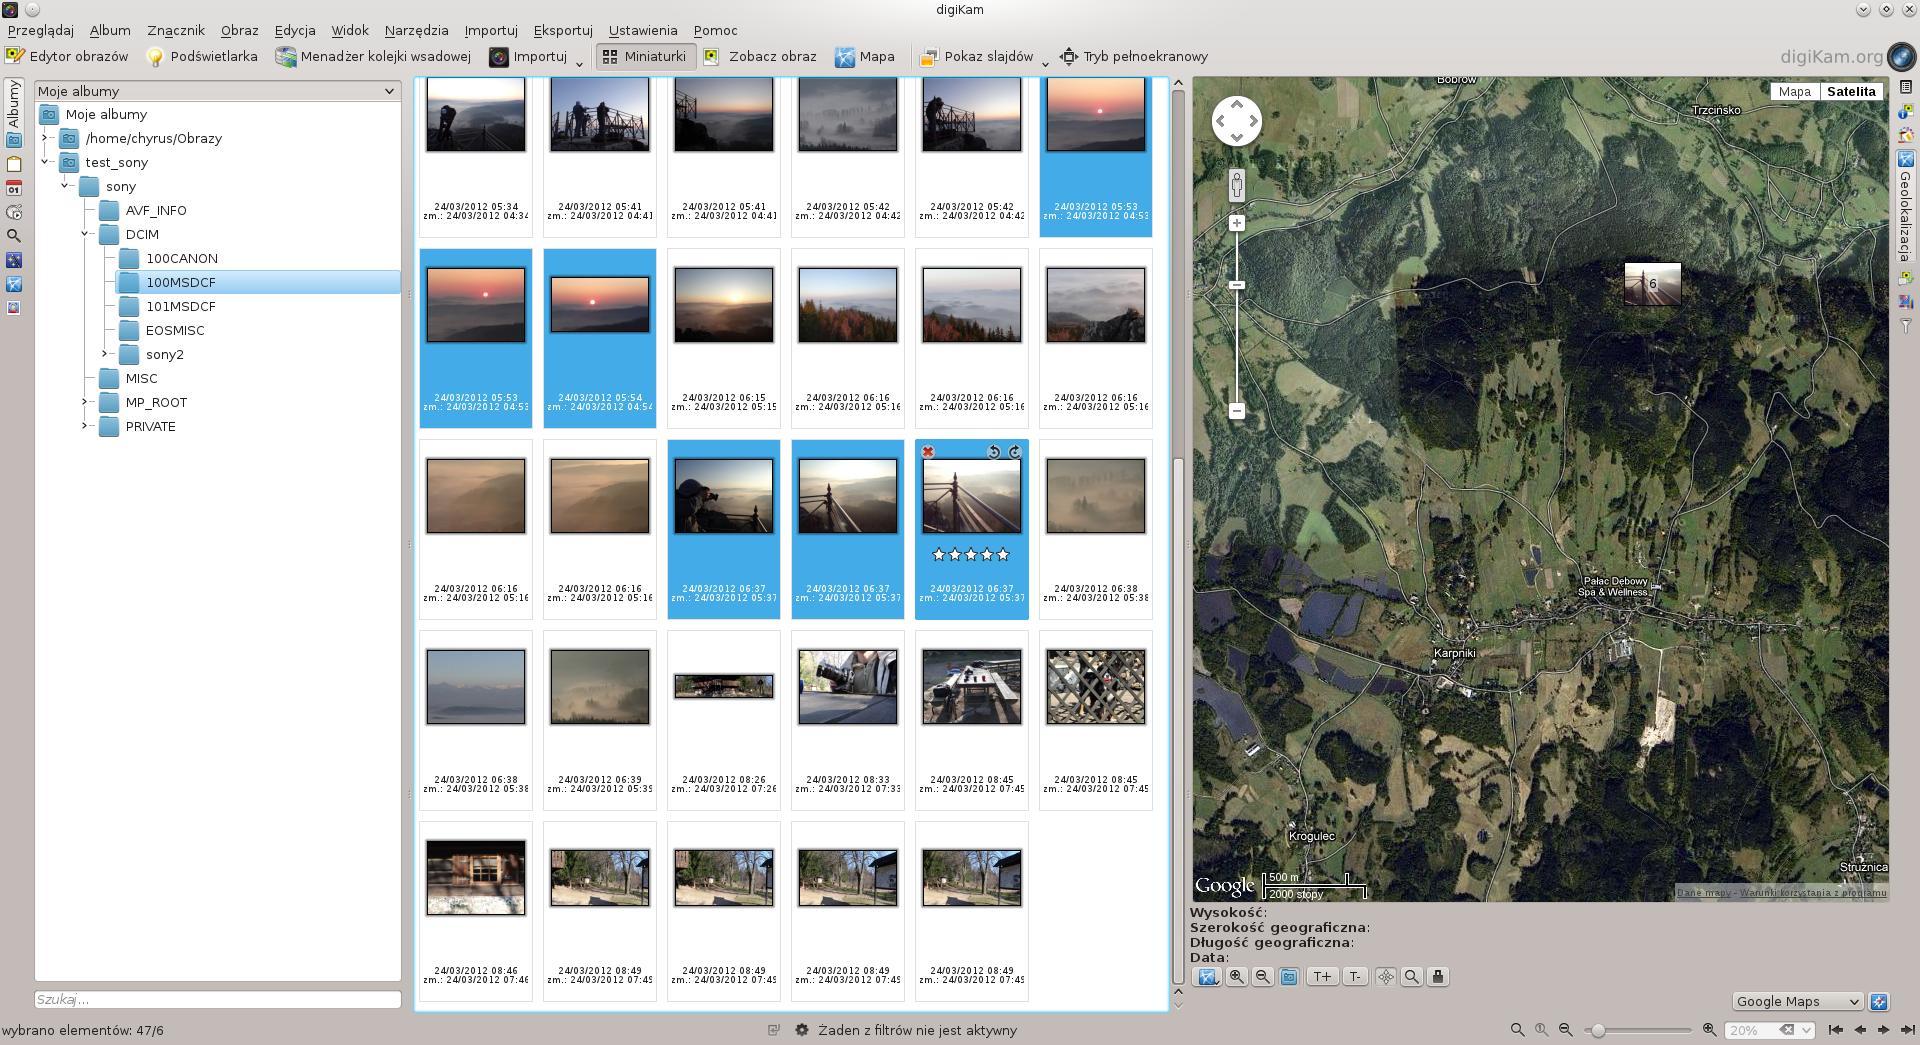 digikam - geolokalizacja www.maciejchyra.com